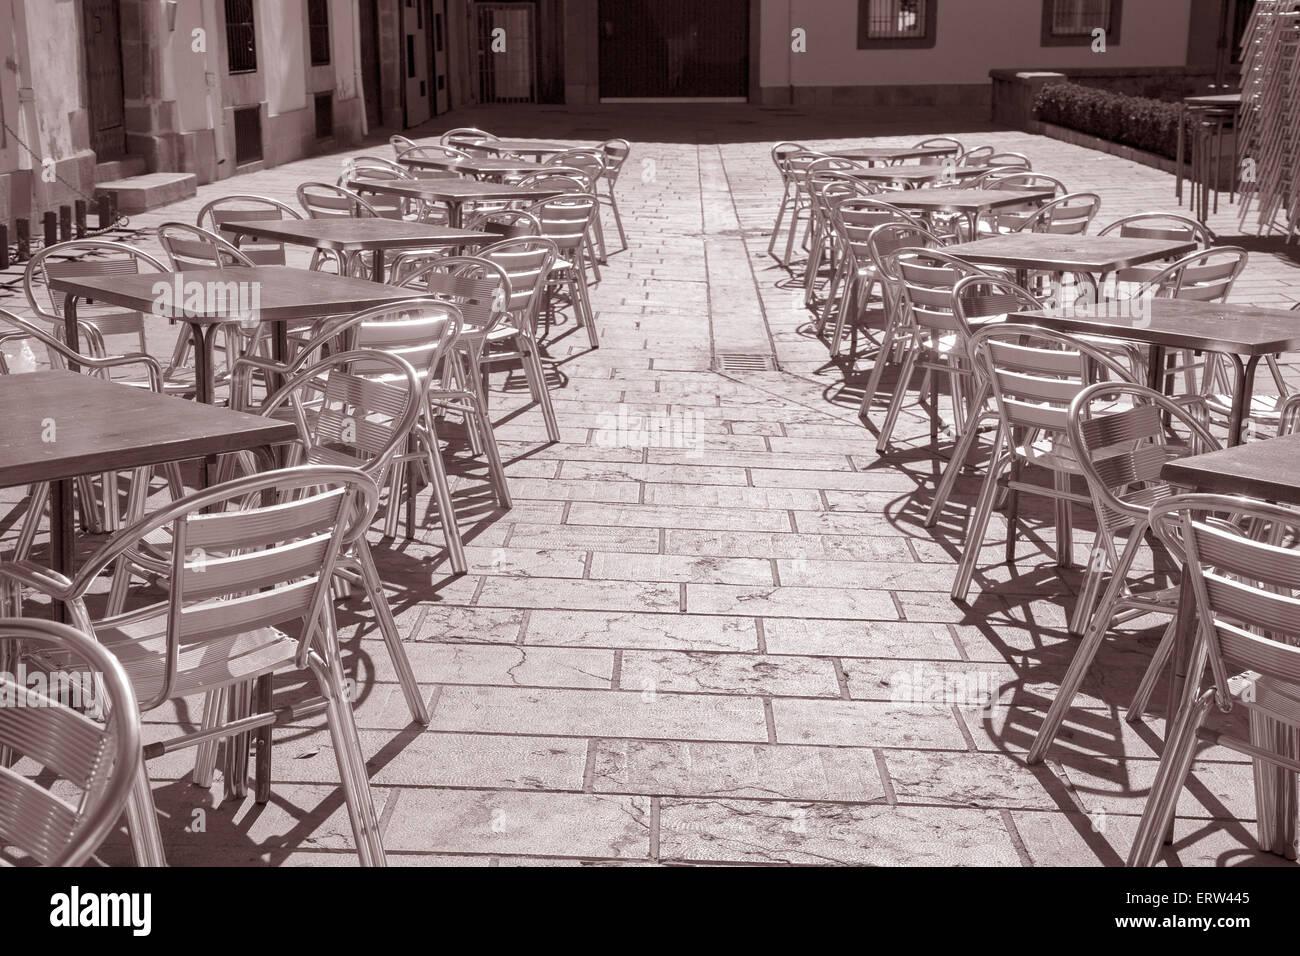 Tono Terraza : Cafe mesas y sillas de terraza en tono sepia en blanco y negro